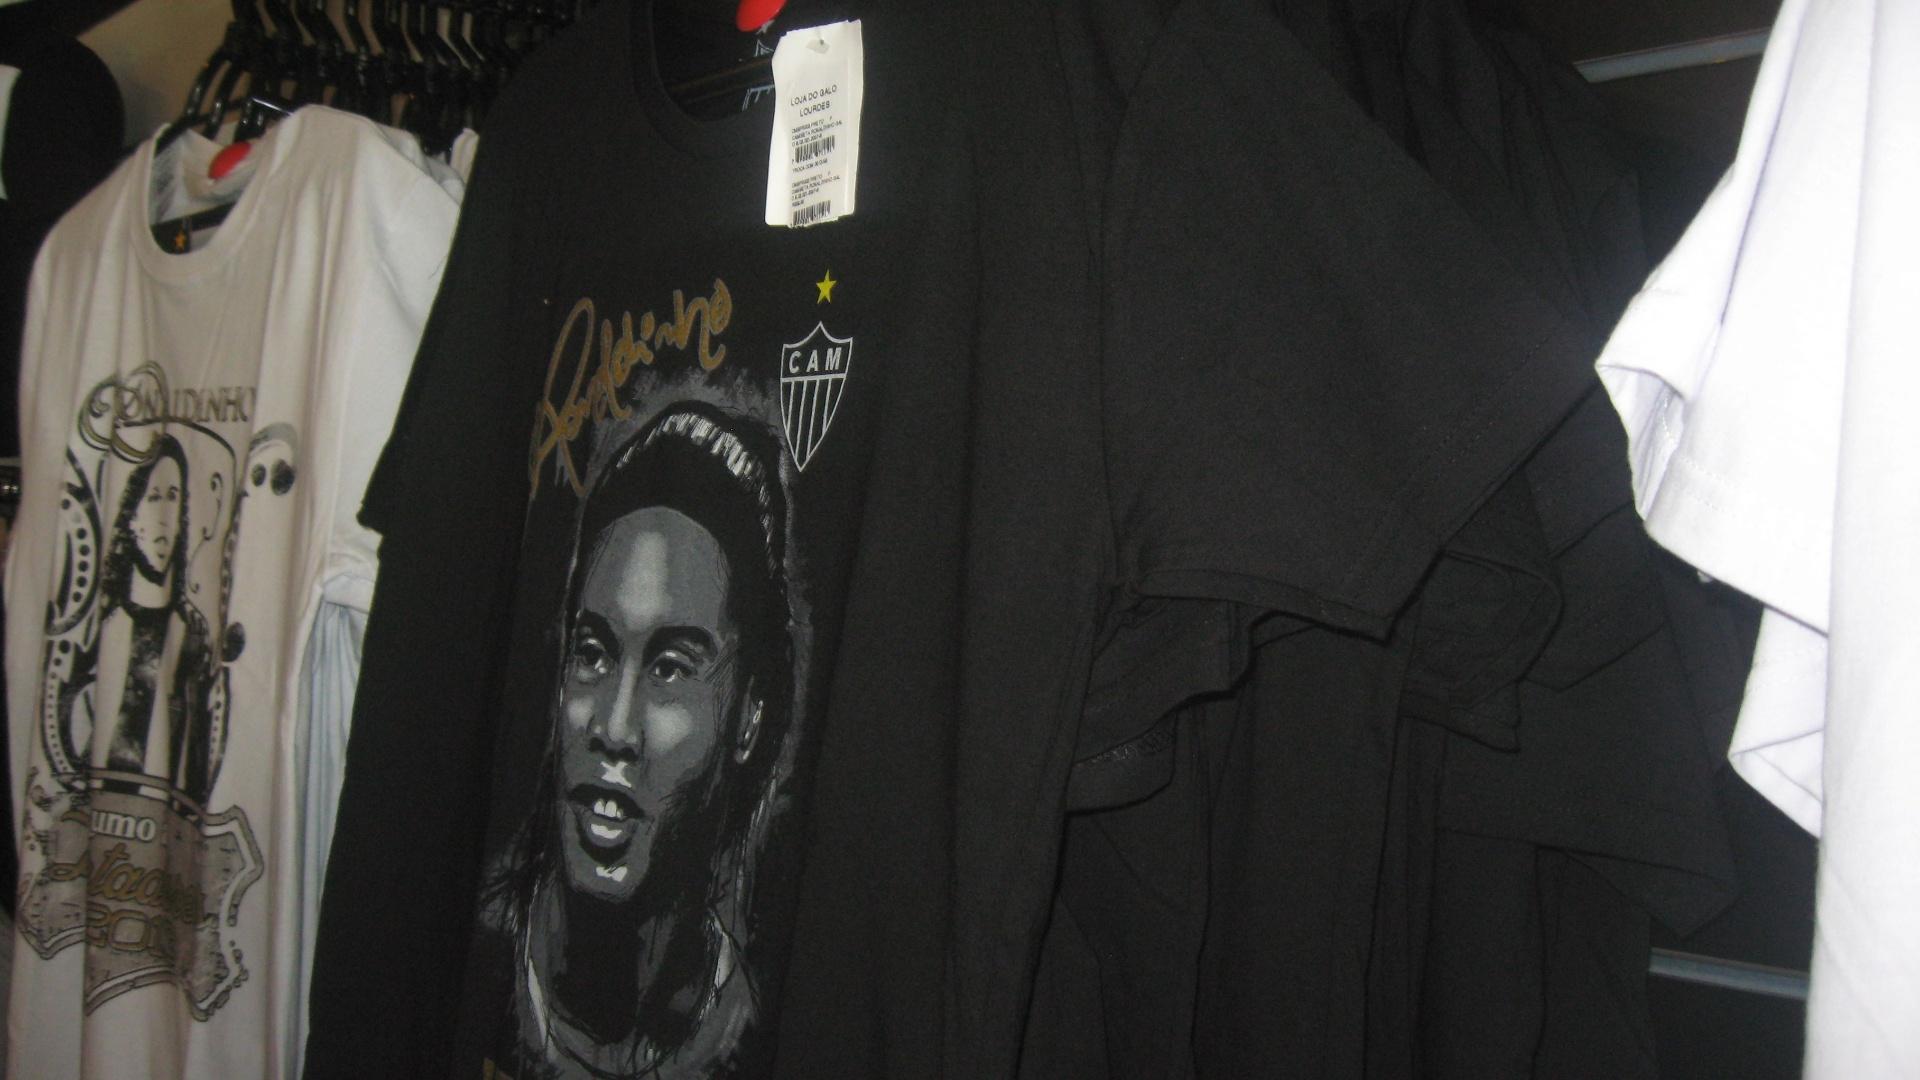 Camisas e camisetas com o nome e o rosto de Ronaldinho Gaúcho foram lançadas na Loja do Galo